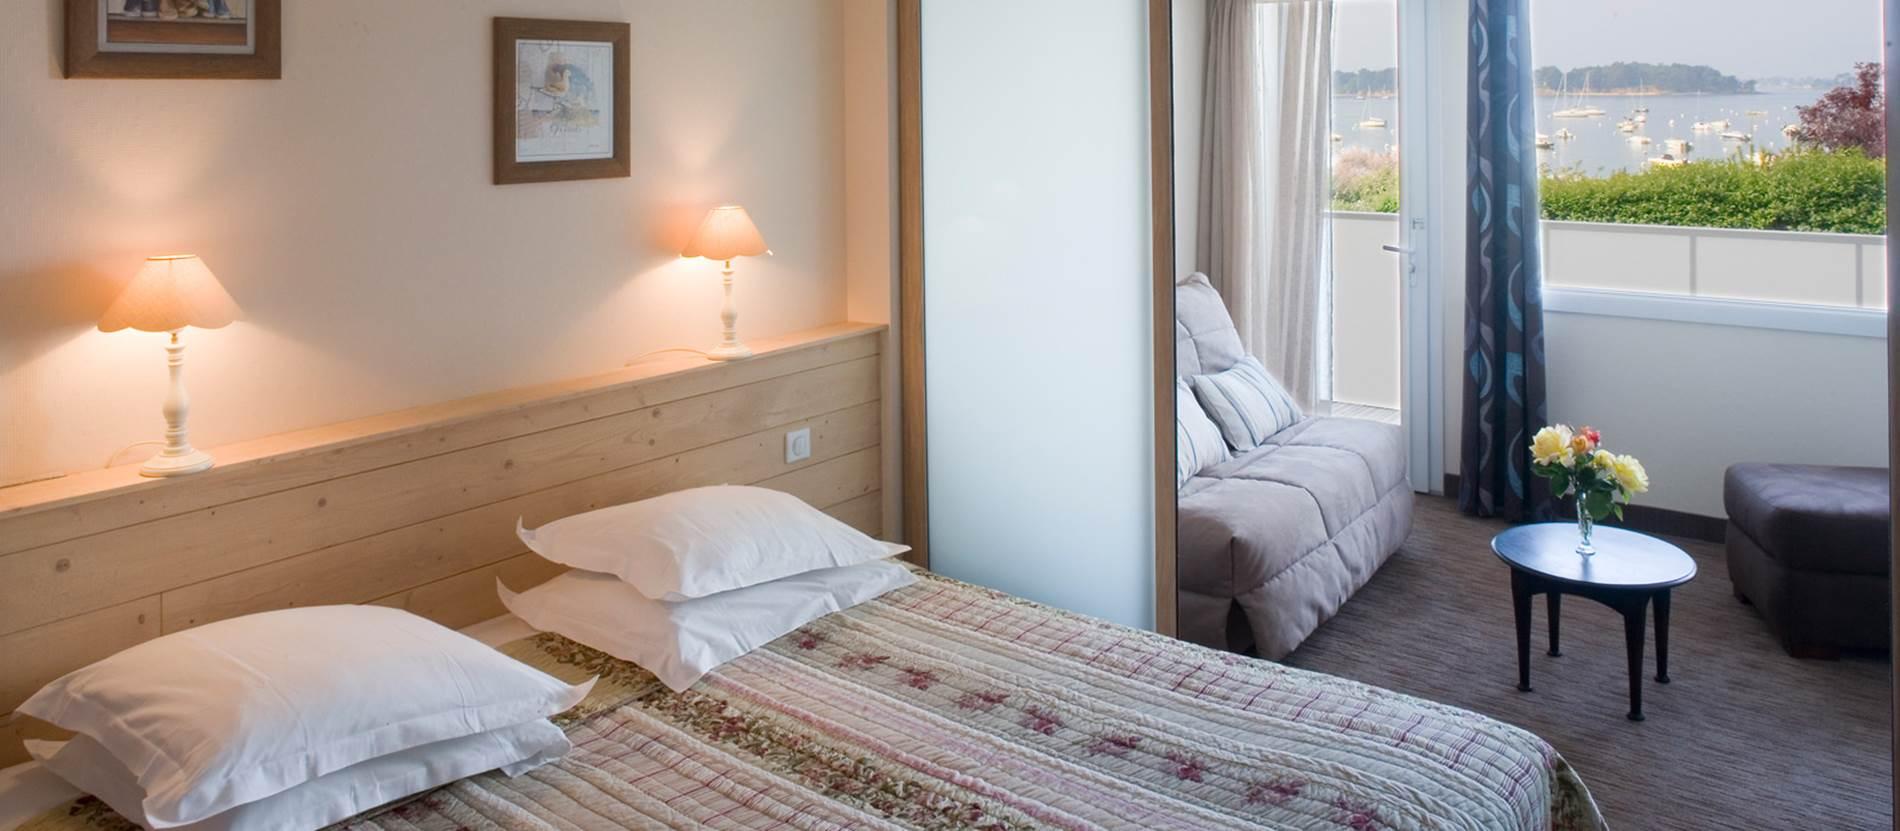 suite avec balcon et très belle vue  mer © Hotel-Le-Parc-Fetan-Larmor-Baden